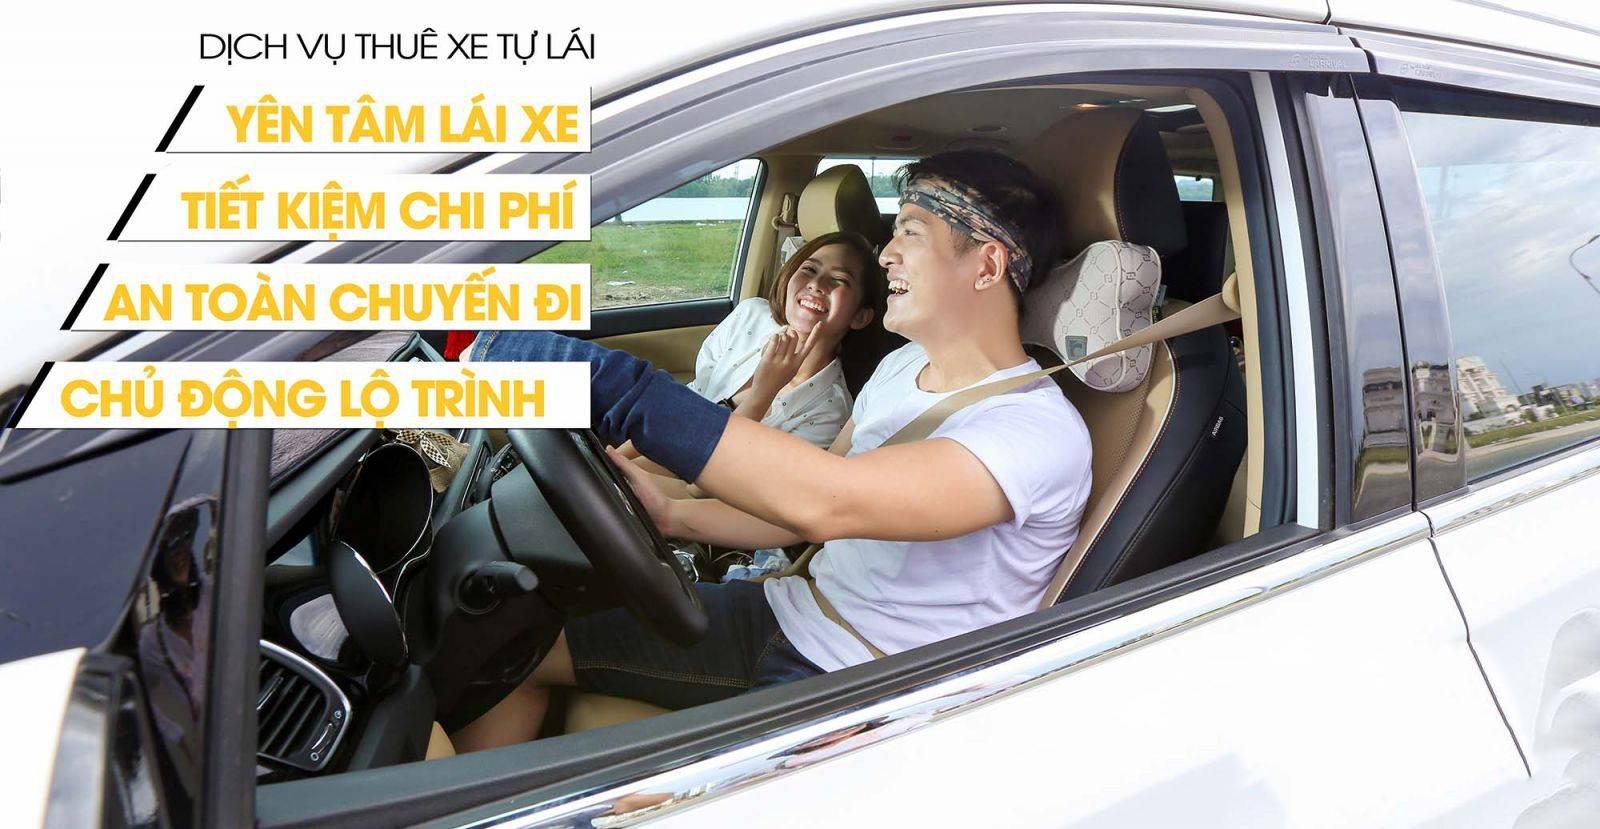 Bảng giá cho thuê xe tự lái TPHCM không cần hộ khẩu - Xe ô tô 4 7 chỗ